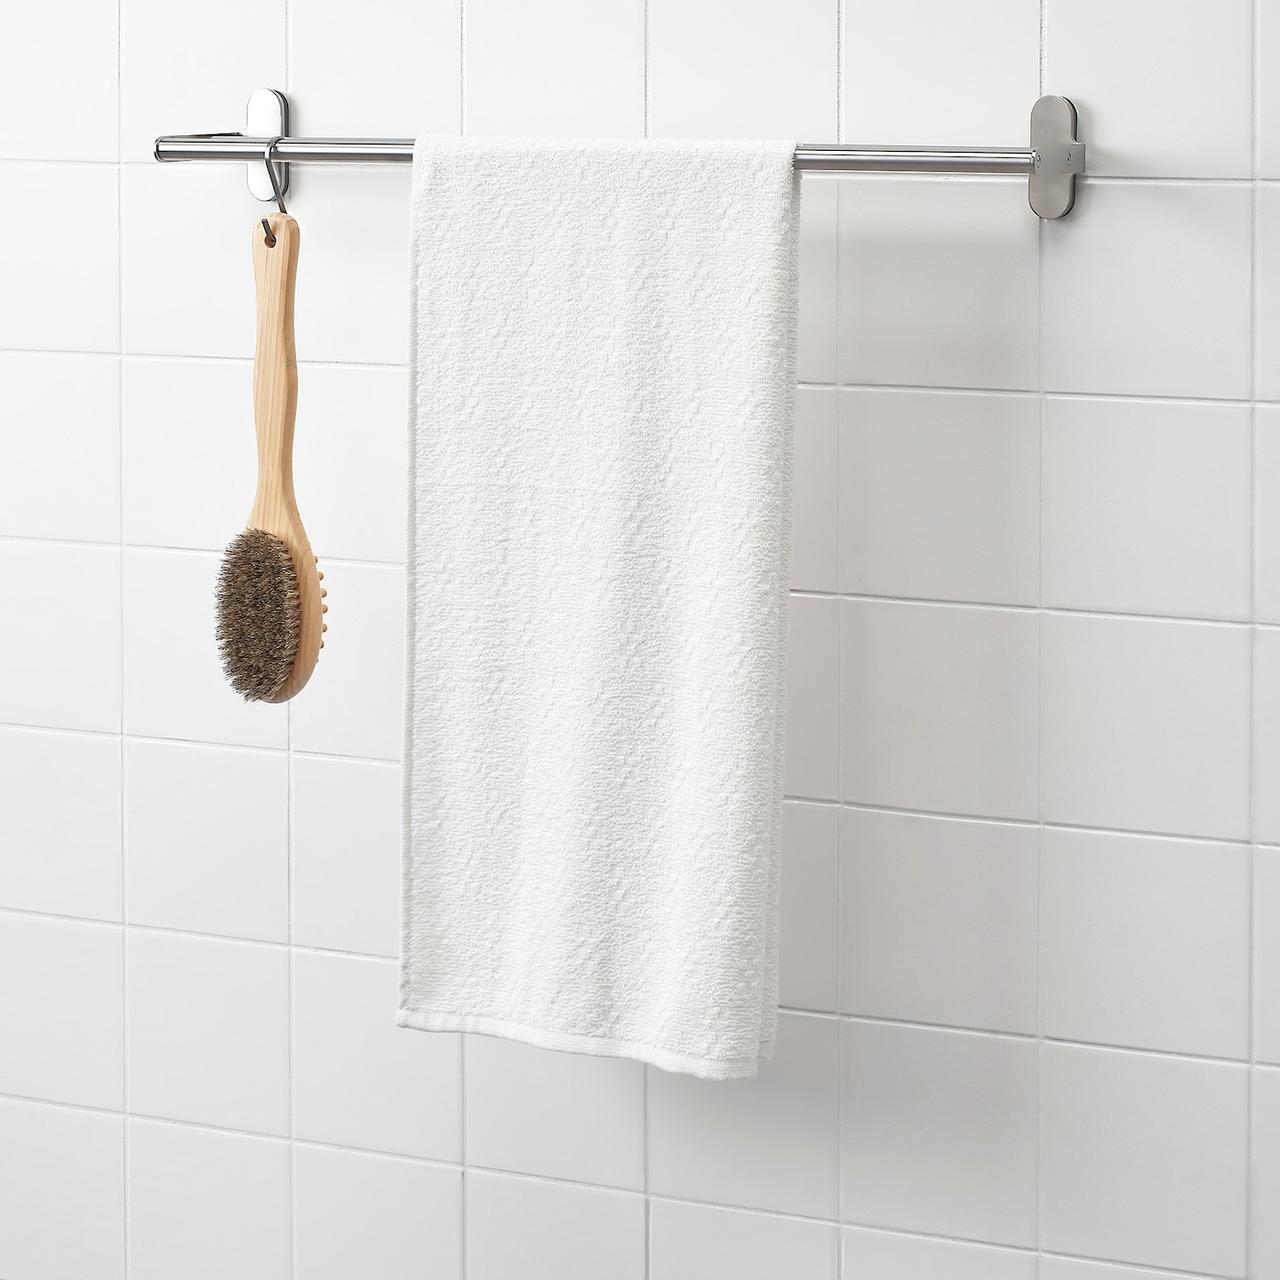 Банное полотенце IKEA NÄRSEN  белый, 55x120 см 904.473.55